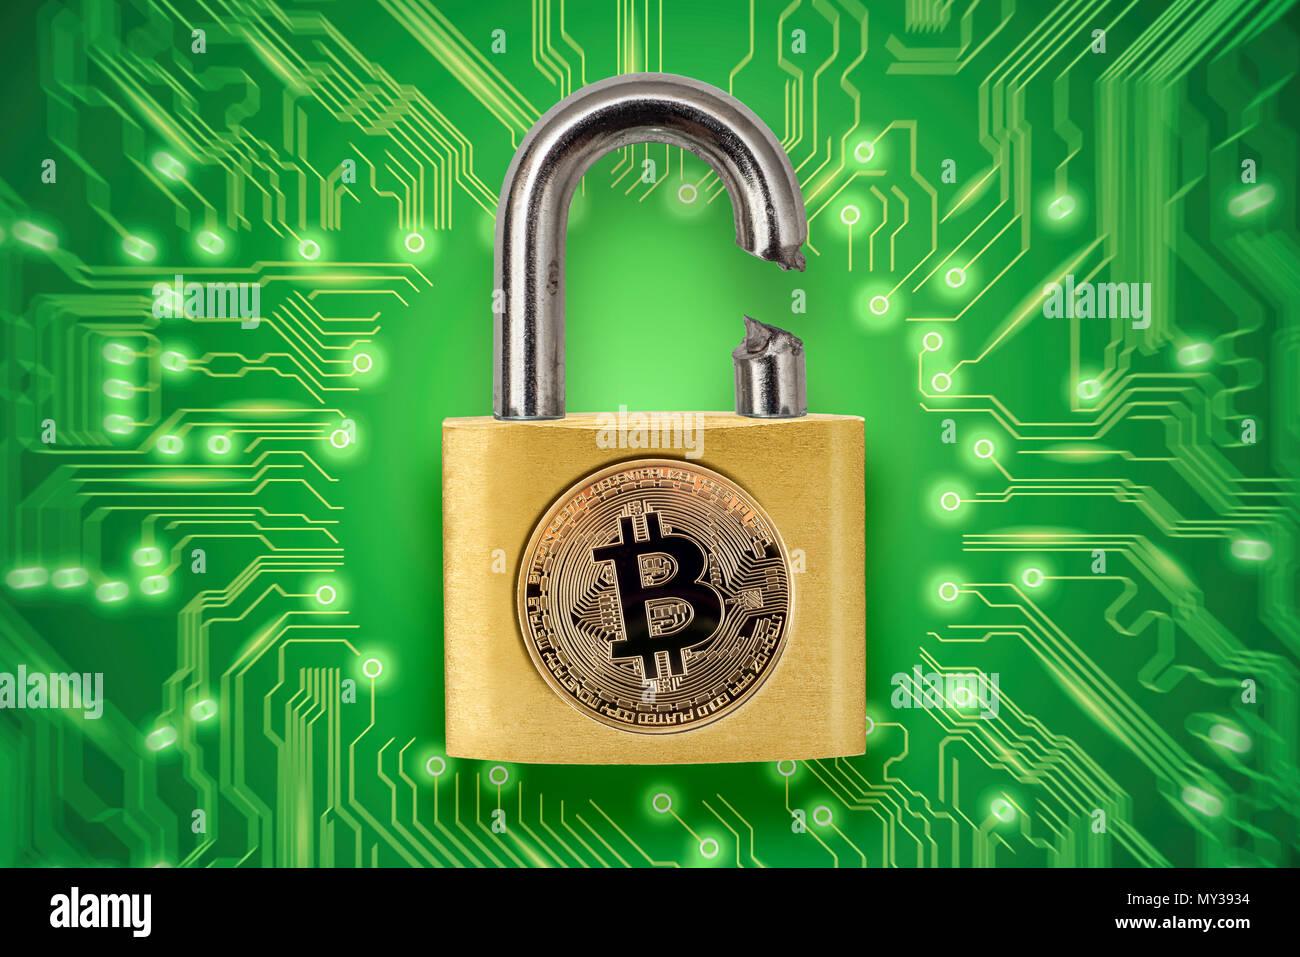 Rotto il lucchetto con logo bitcoin. Quadro concettuale illustrante crypto valuta l'hacking e il furto. Foto Stock